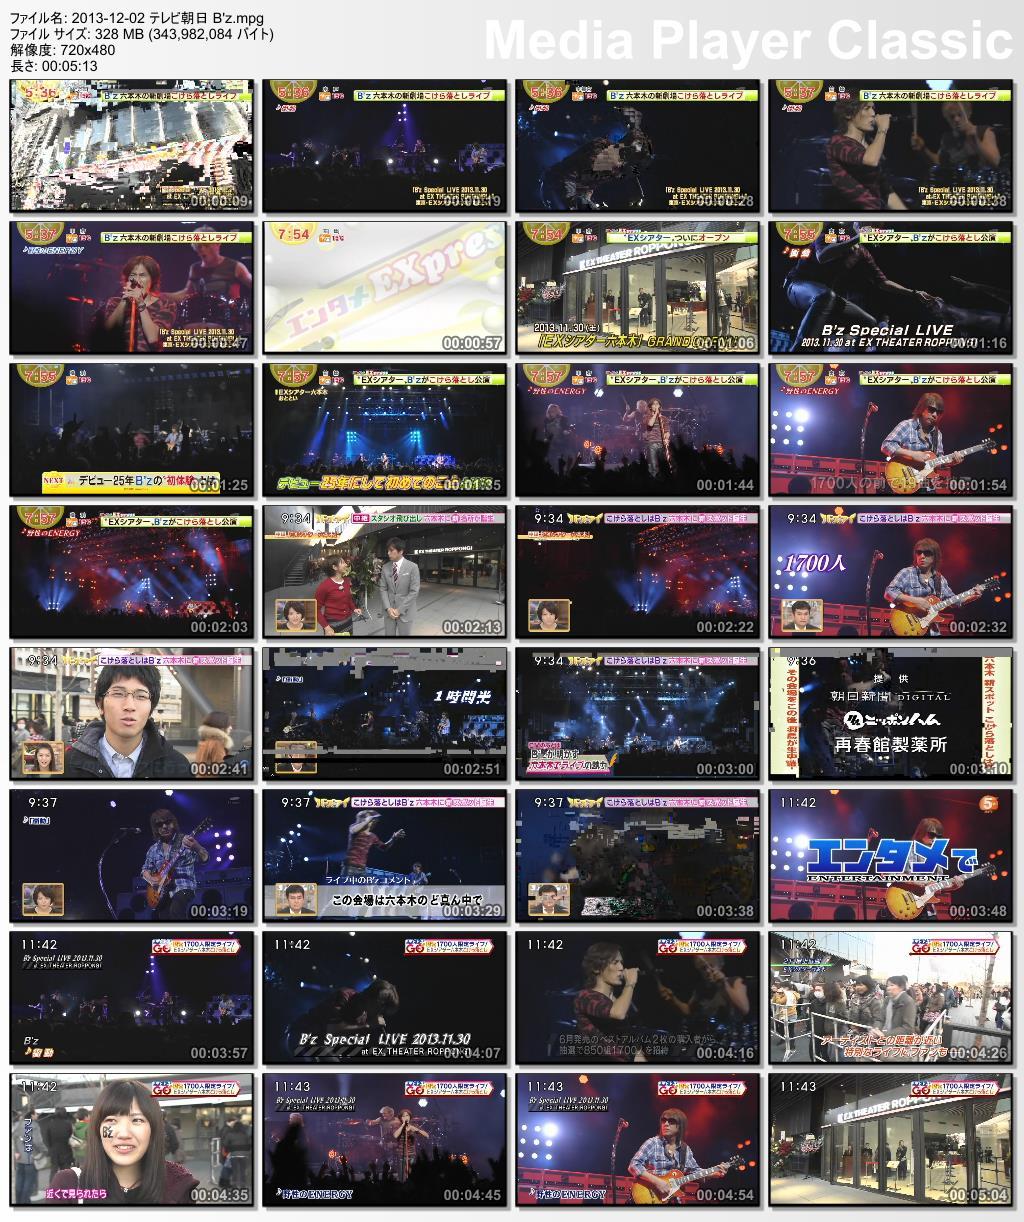 12/2放送のテレビ朝日情報番組で六本木こけら落としライブの映像がオンエア